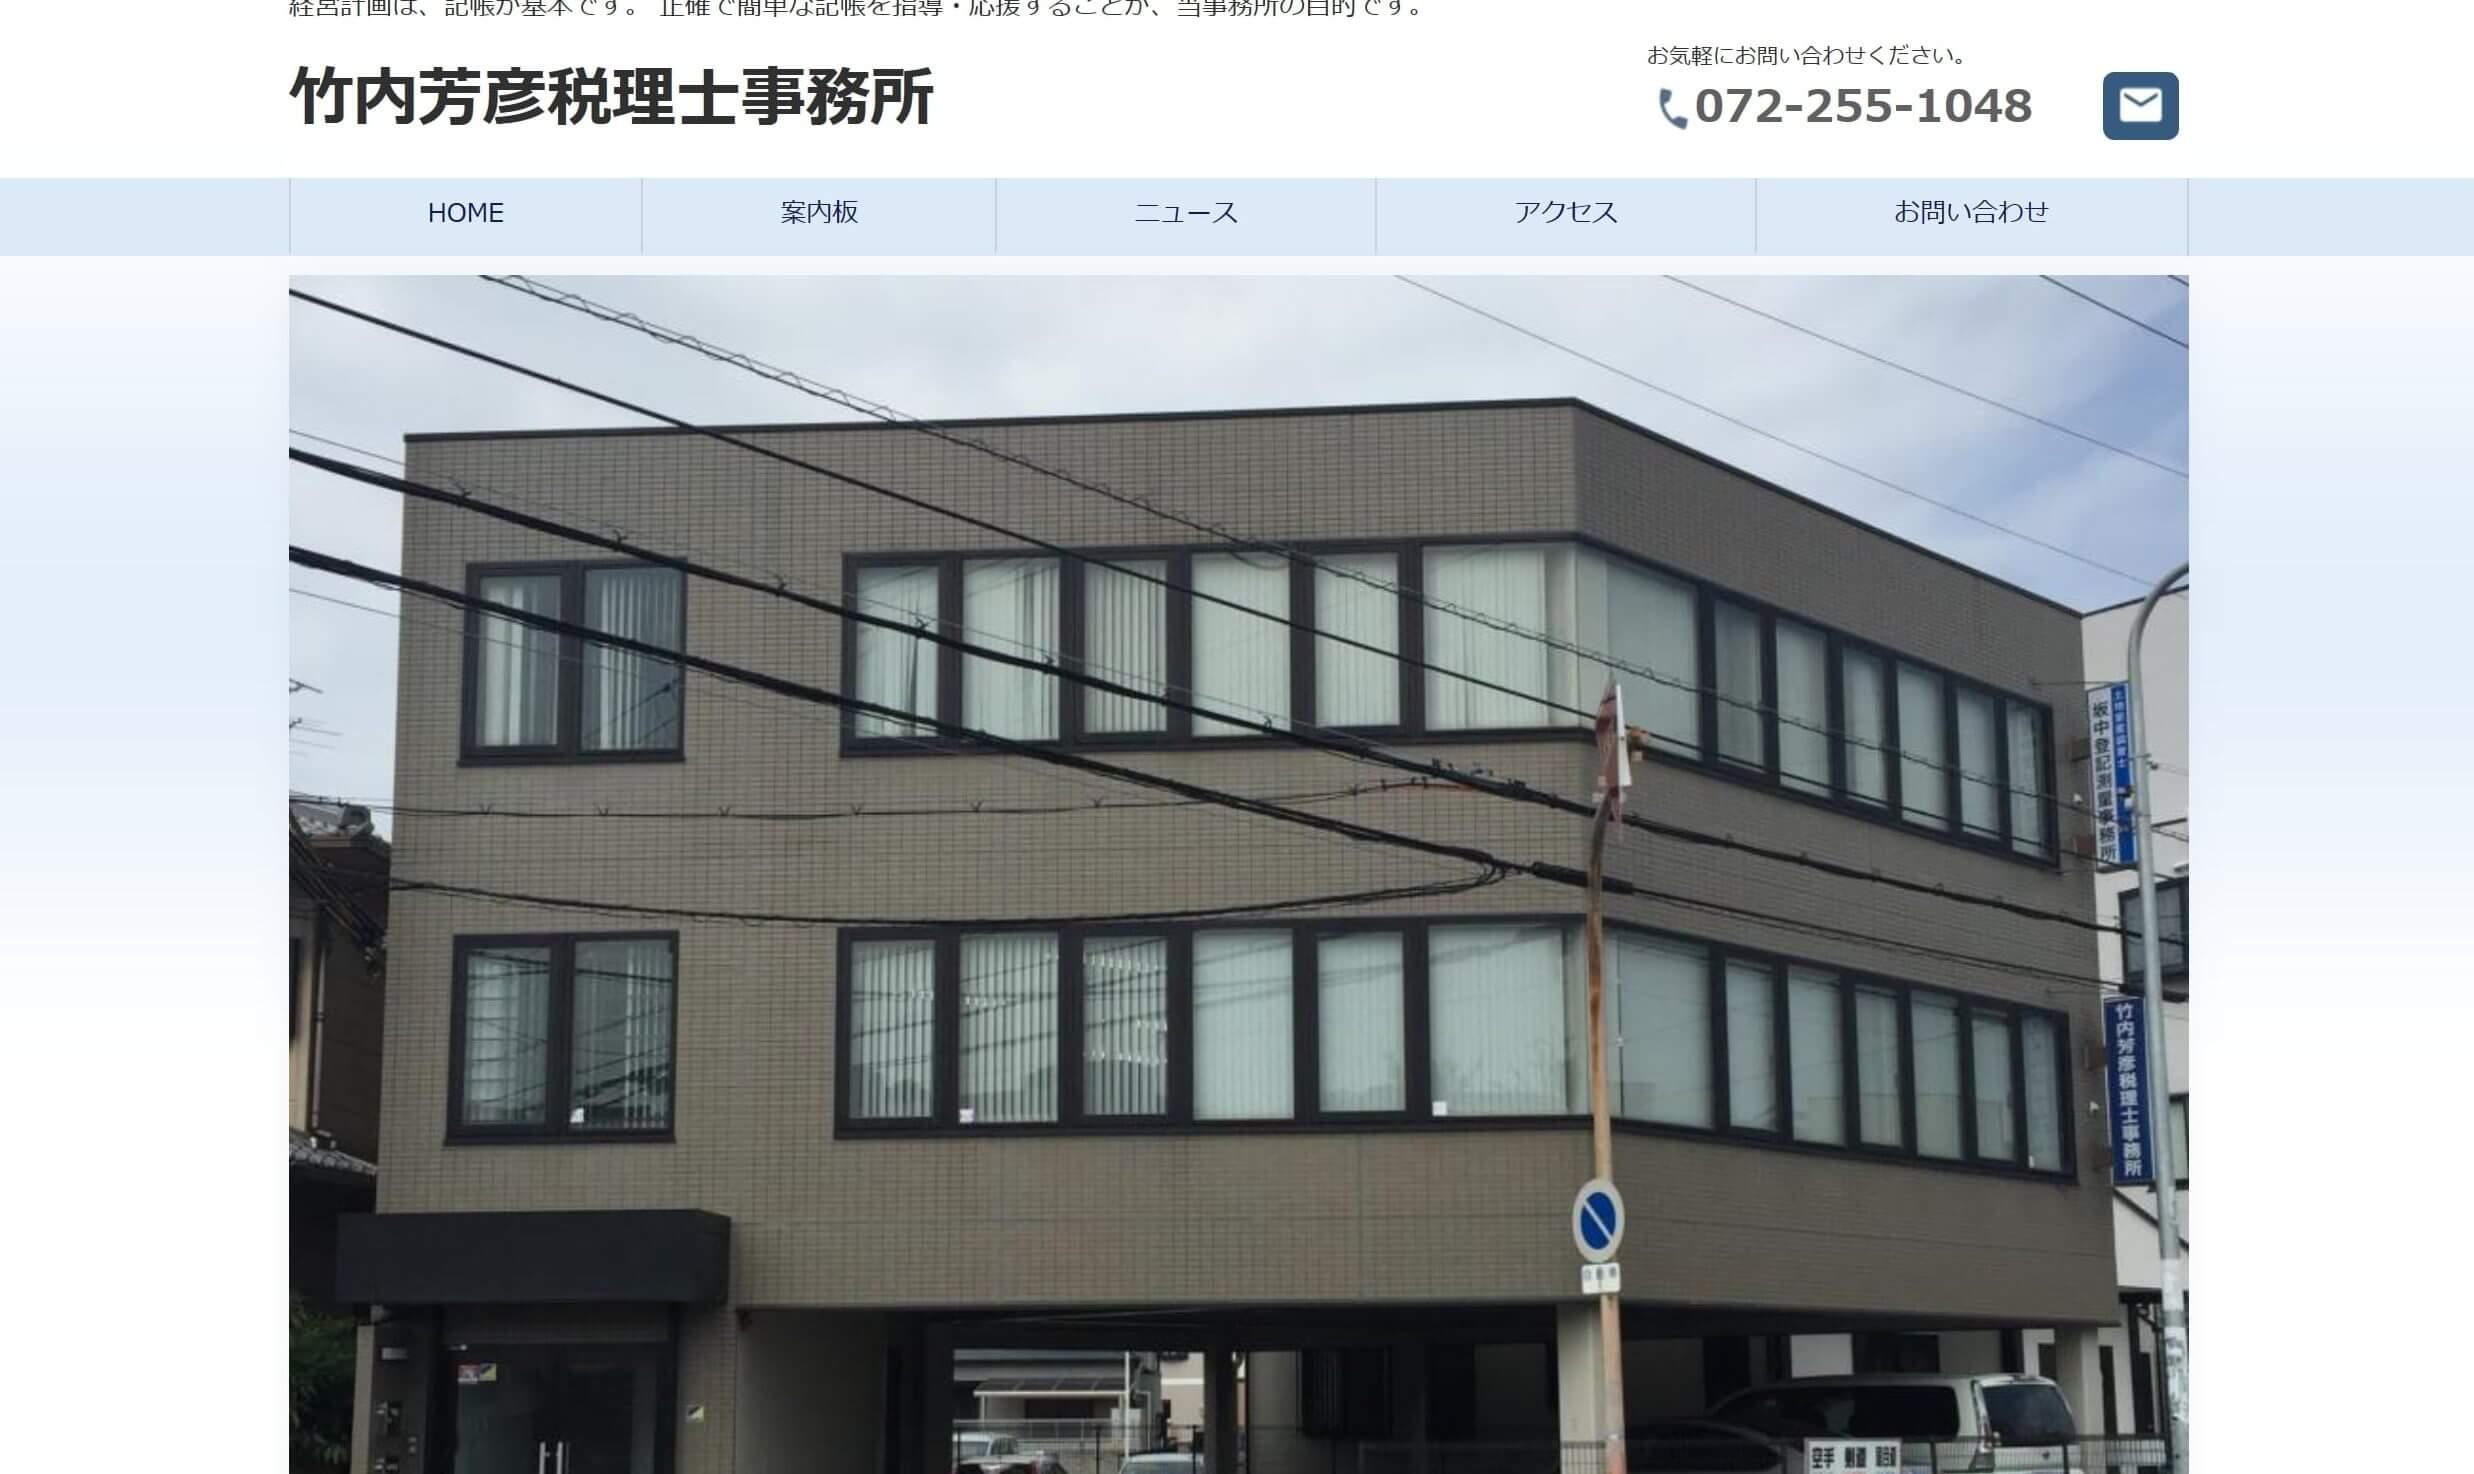 竹内税理士事務所